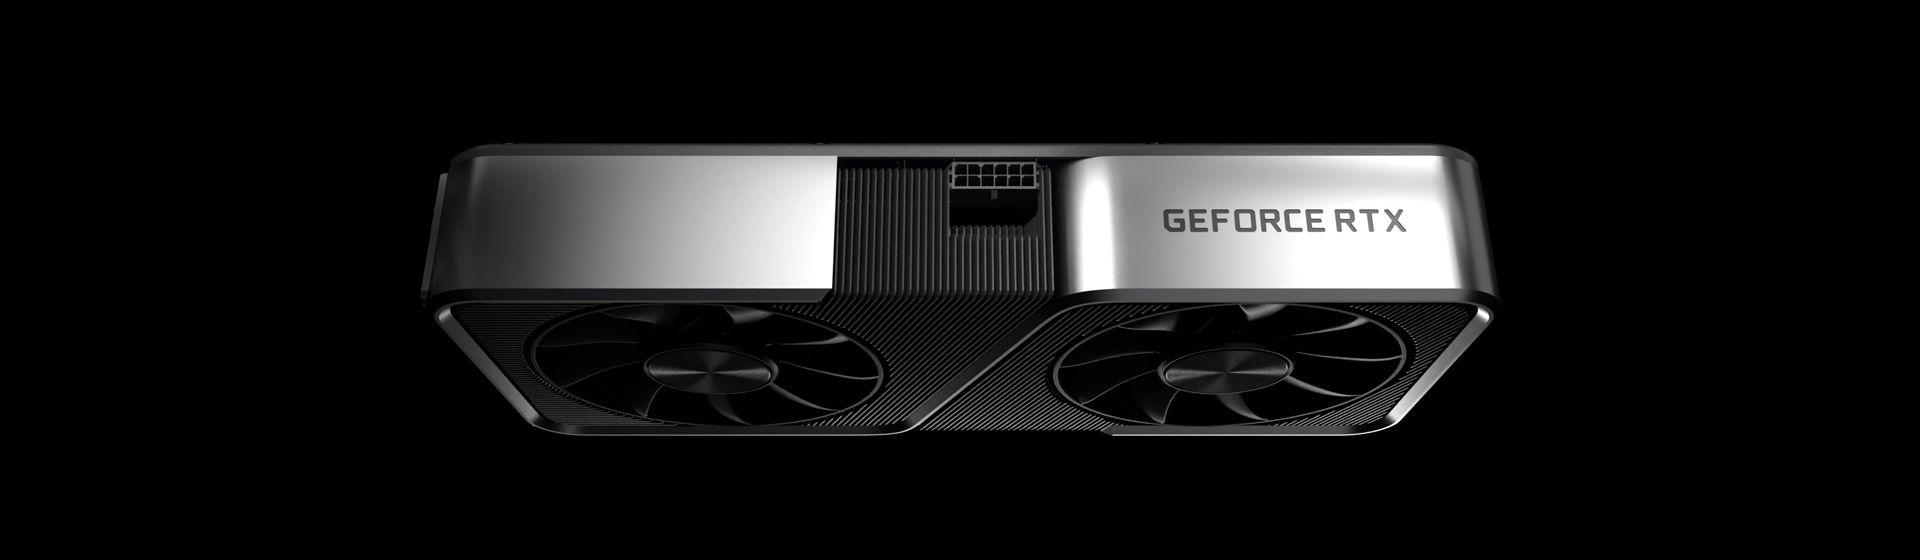 RTX 3070 vs 2080 Ti: comparativo de especificações e preço das GPUs